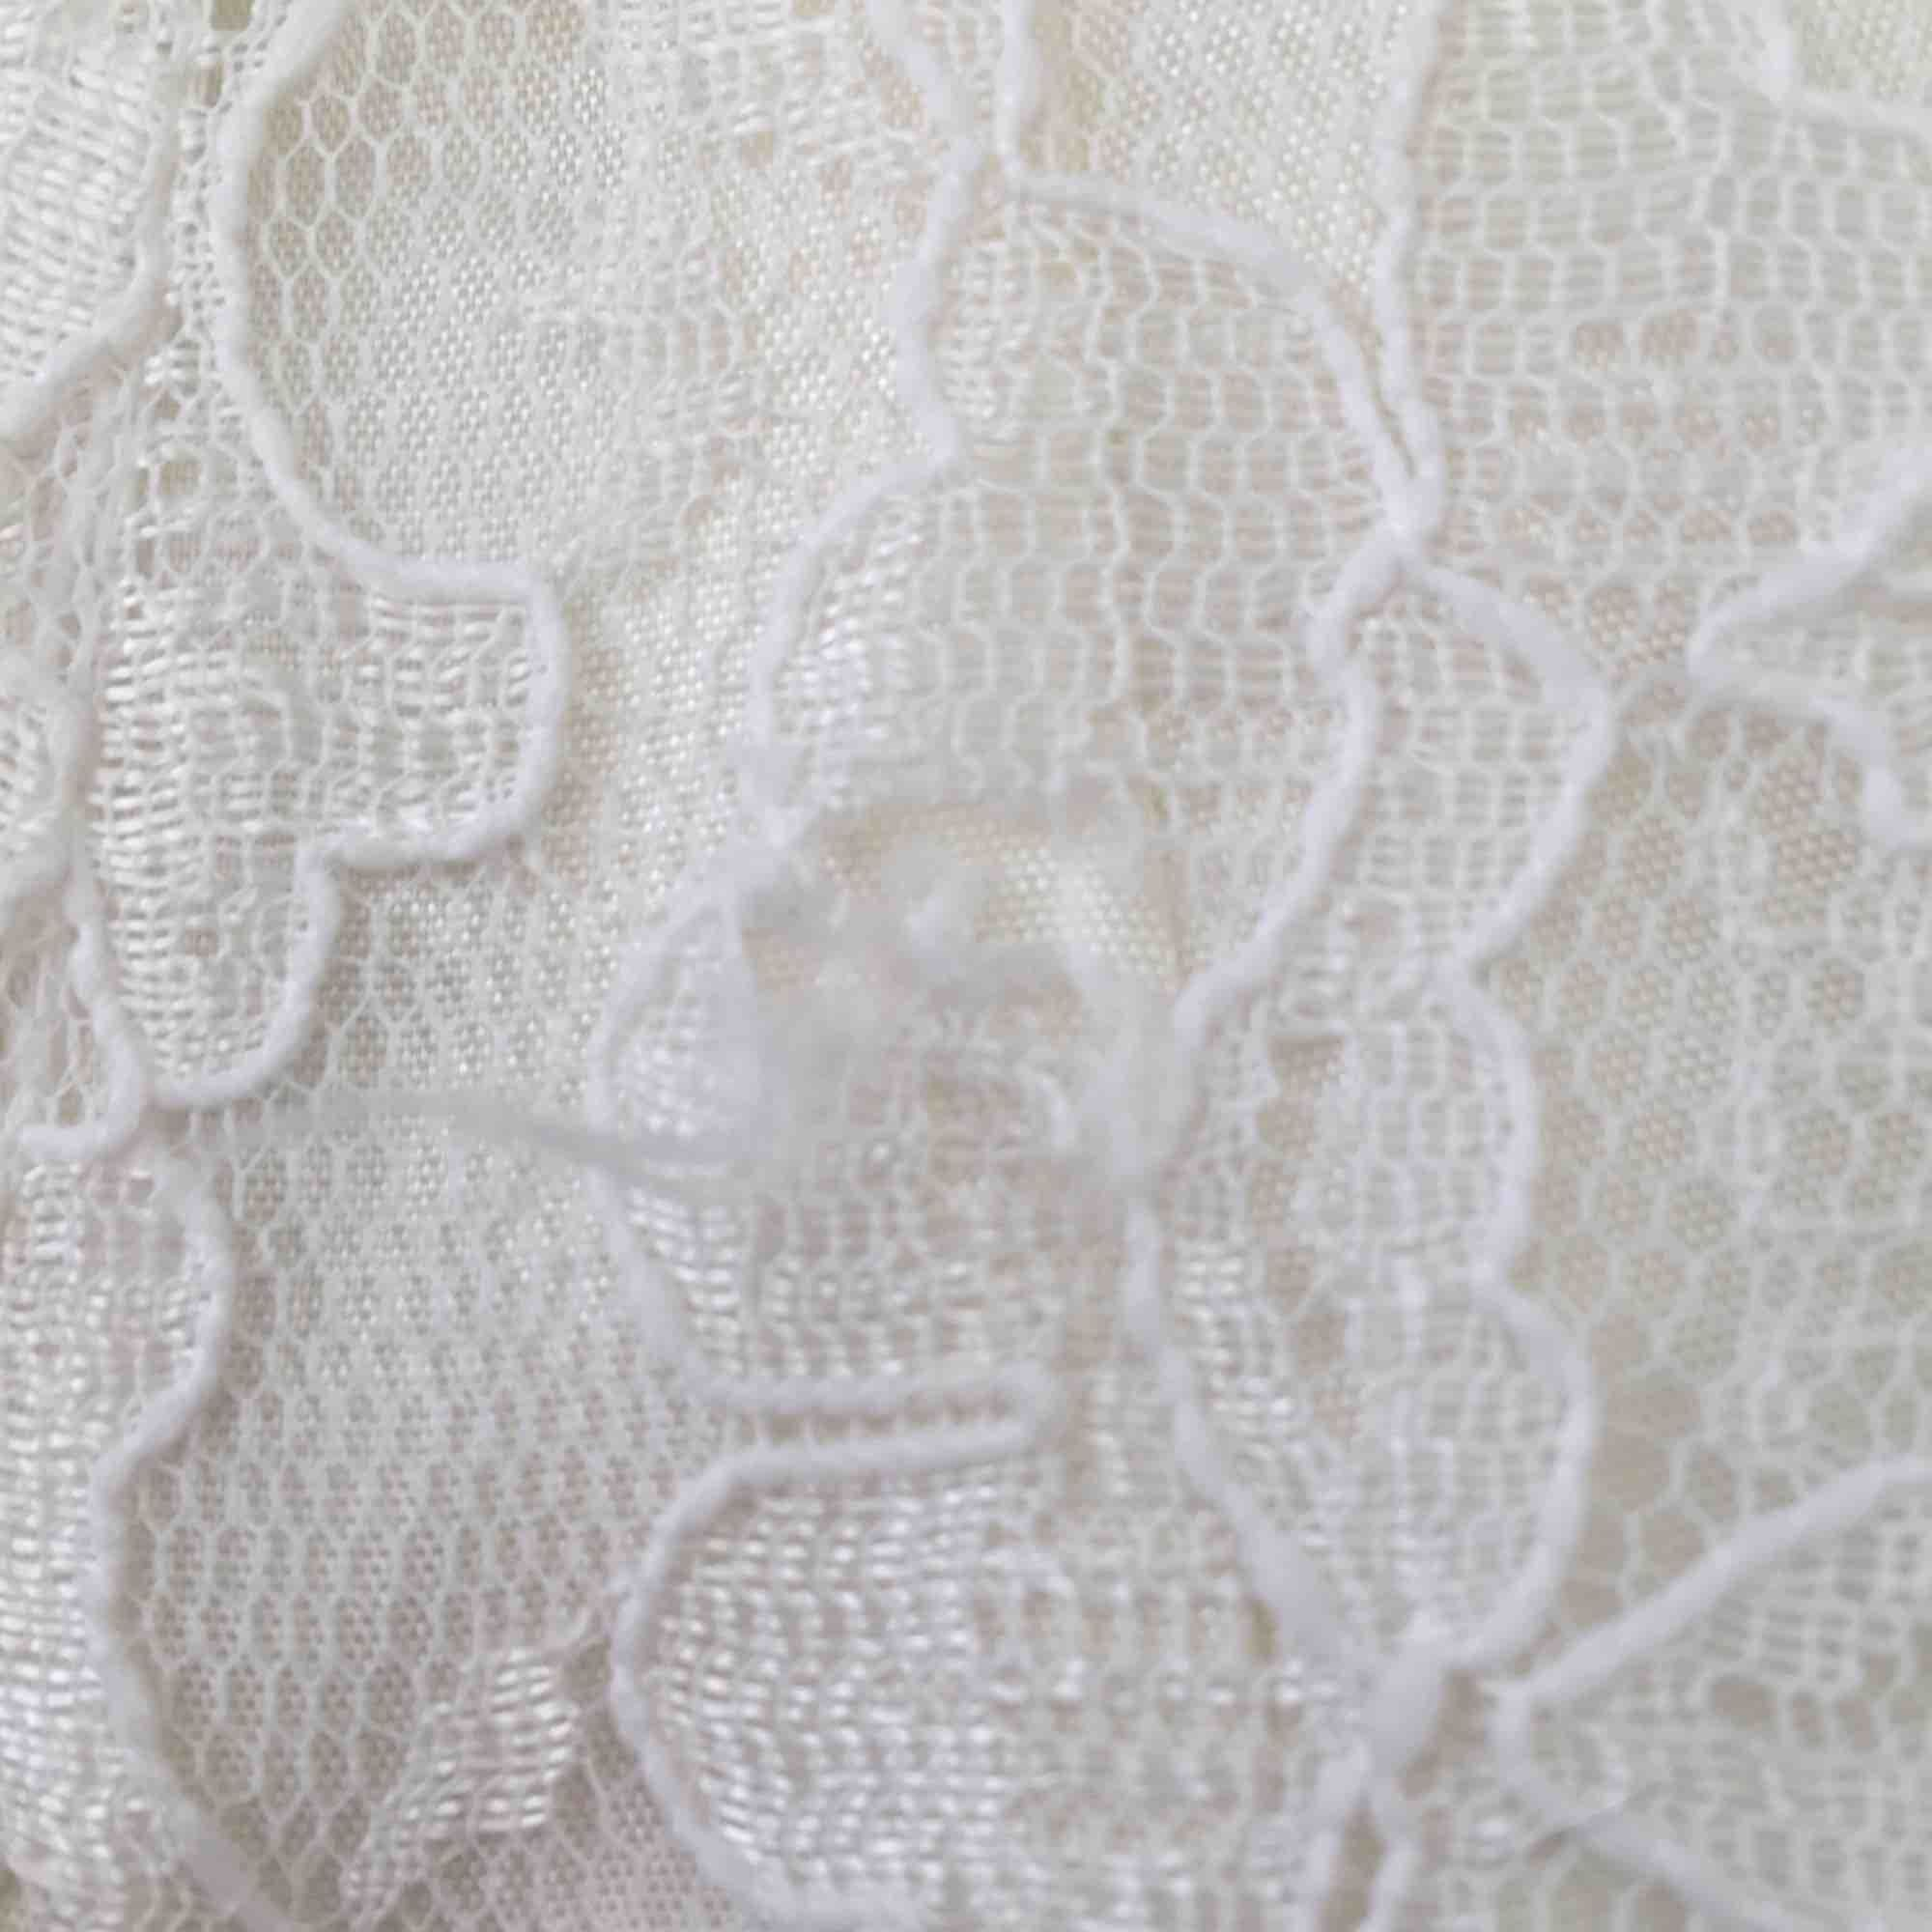 0d6216eab8a0 Liten skada i Vit spetsklänning från Beyond Retro med vacker rygg och  underkjol med tyll. Liten skada i